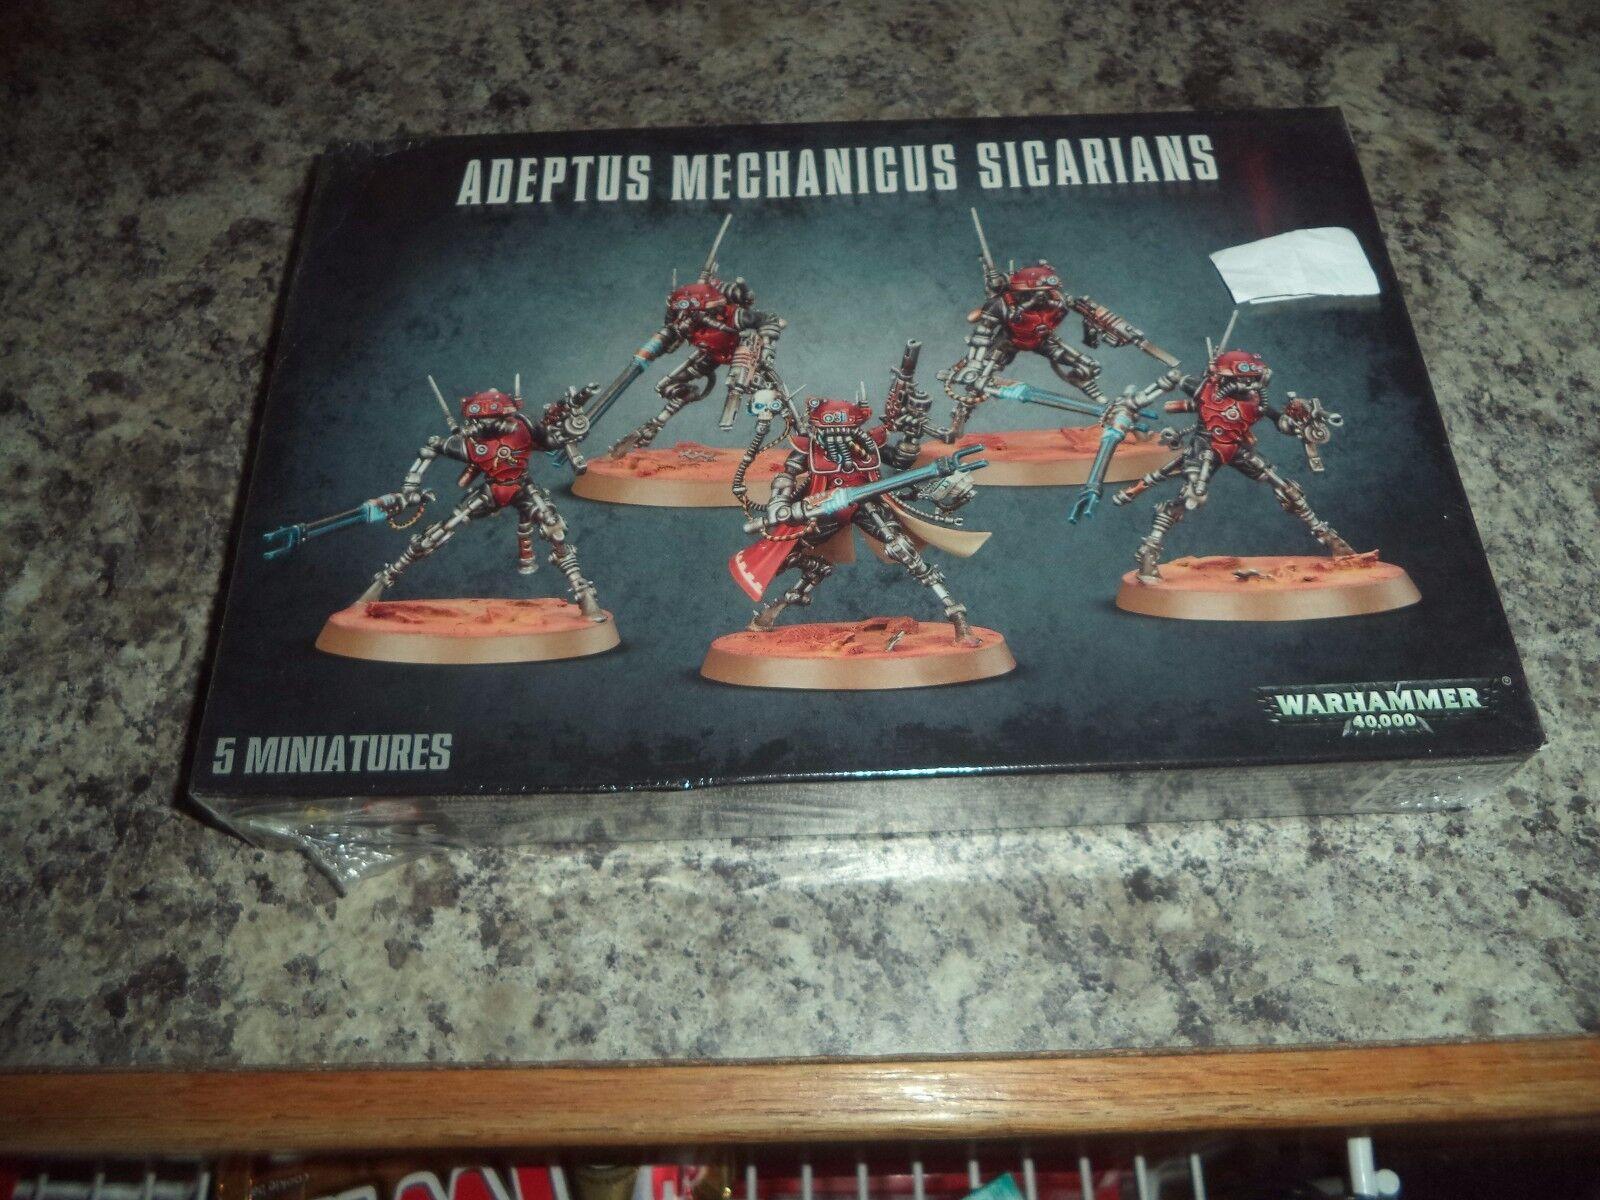 genuina alta calidad Adeptus Mechanicus siCocheians los los los infiltrados ruststalkers Warhammer 40k 40,000  nuevo   Garantía 100% de ajuste